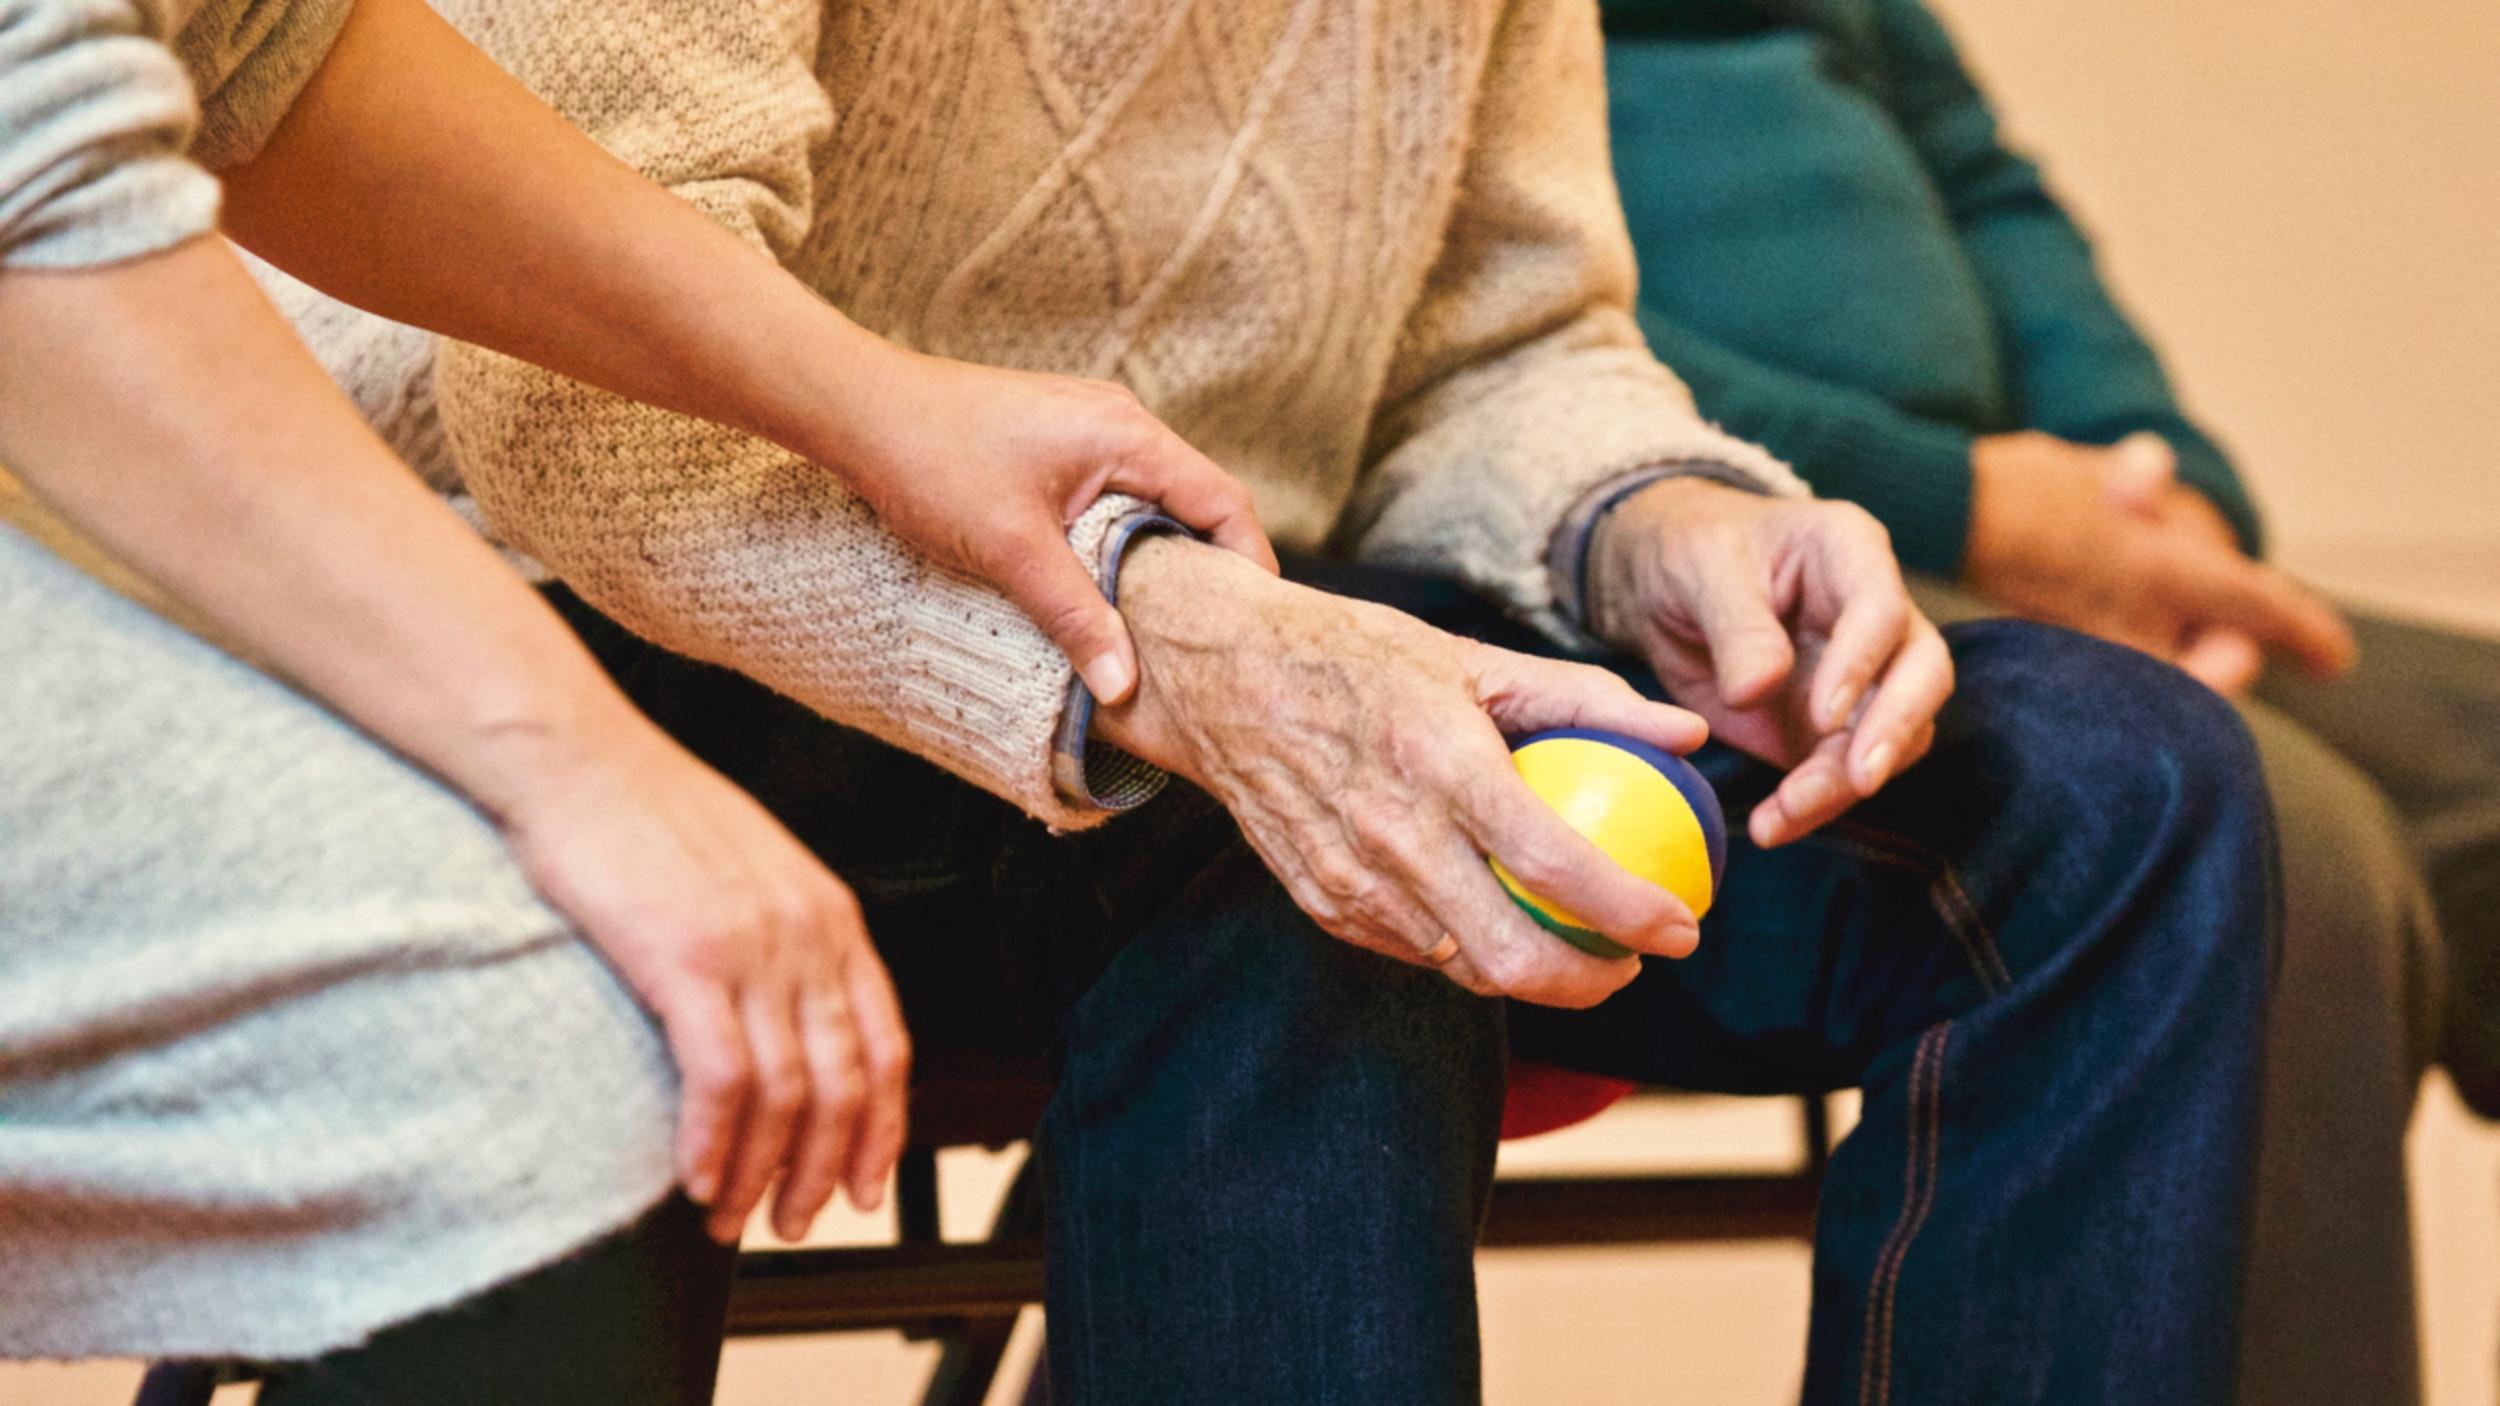 Devenir auxiliaire de vie : la formation pour tester le métier d'auxiliaire de vie